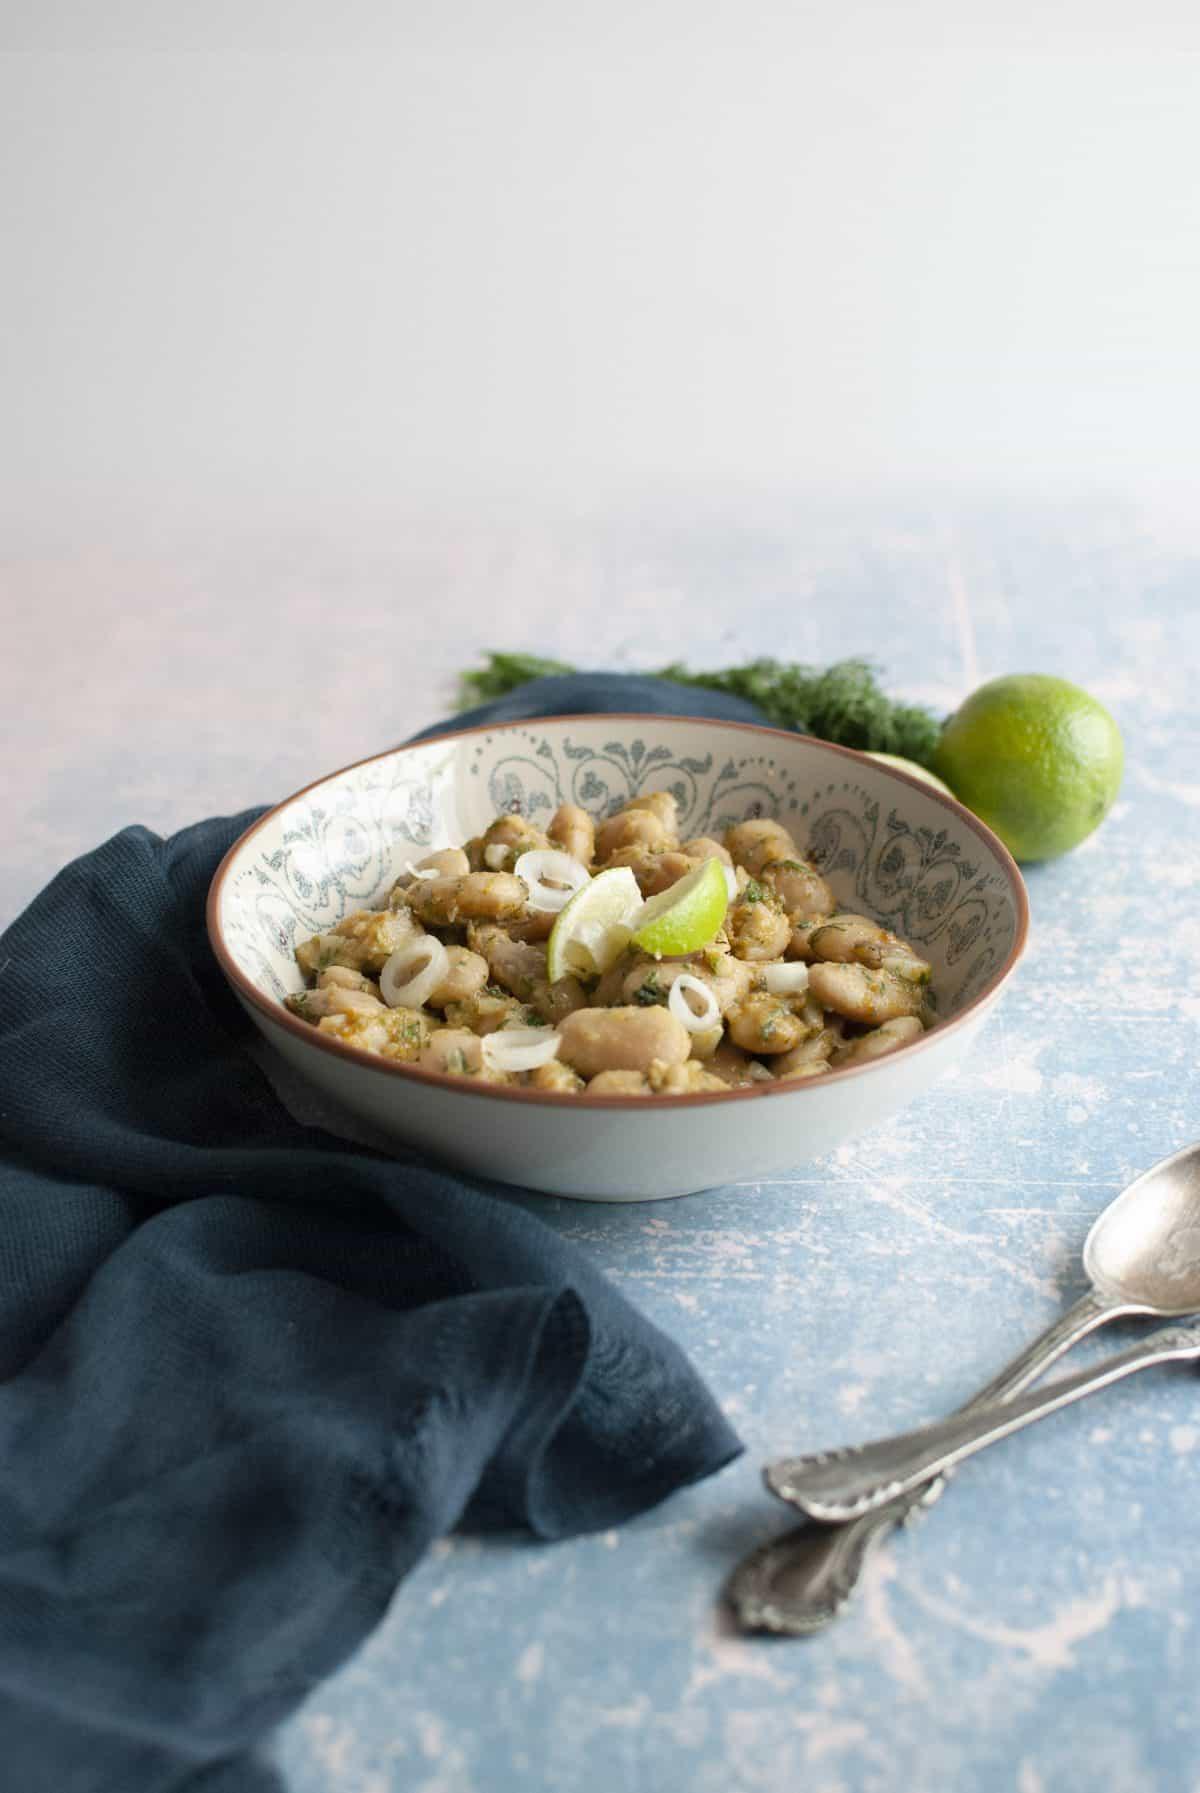 σαλάτα με γίγαντες, αβγοτάραχο και lime